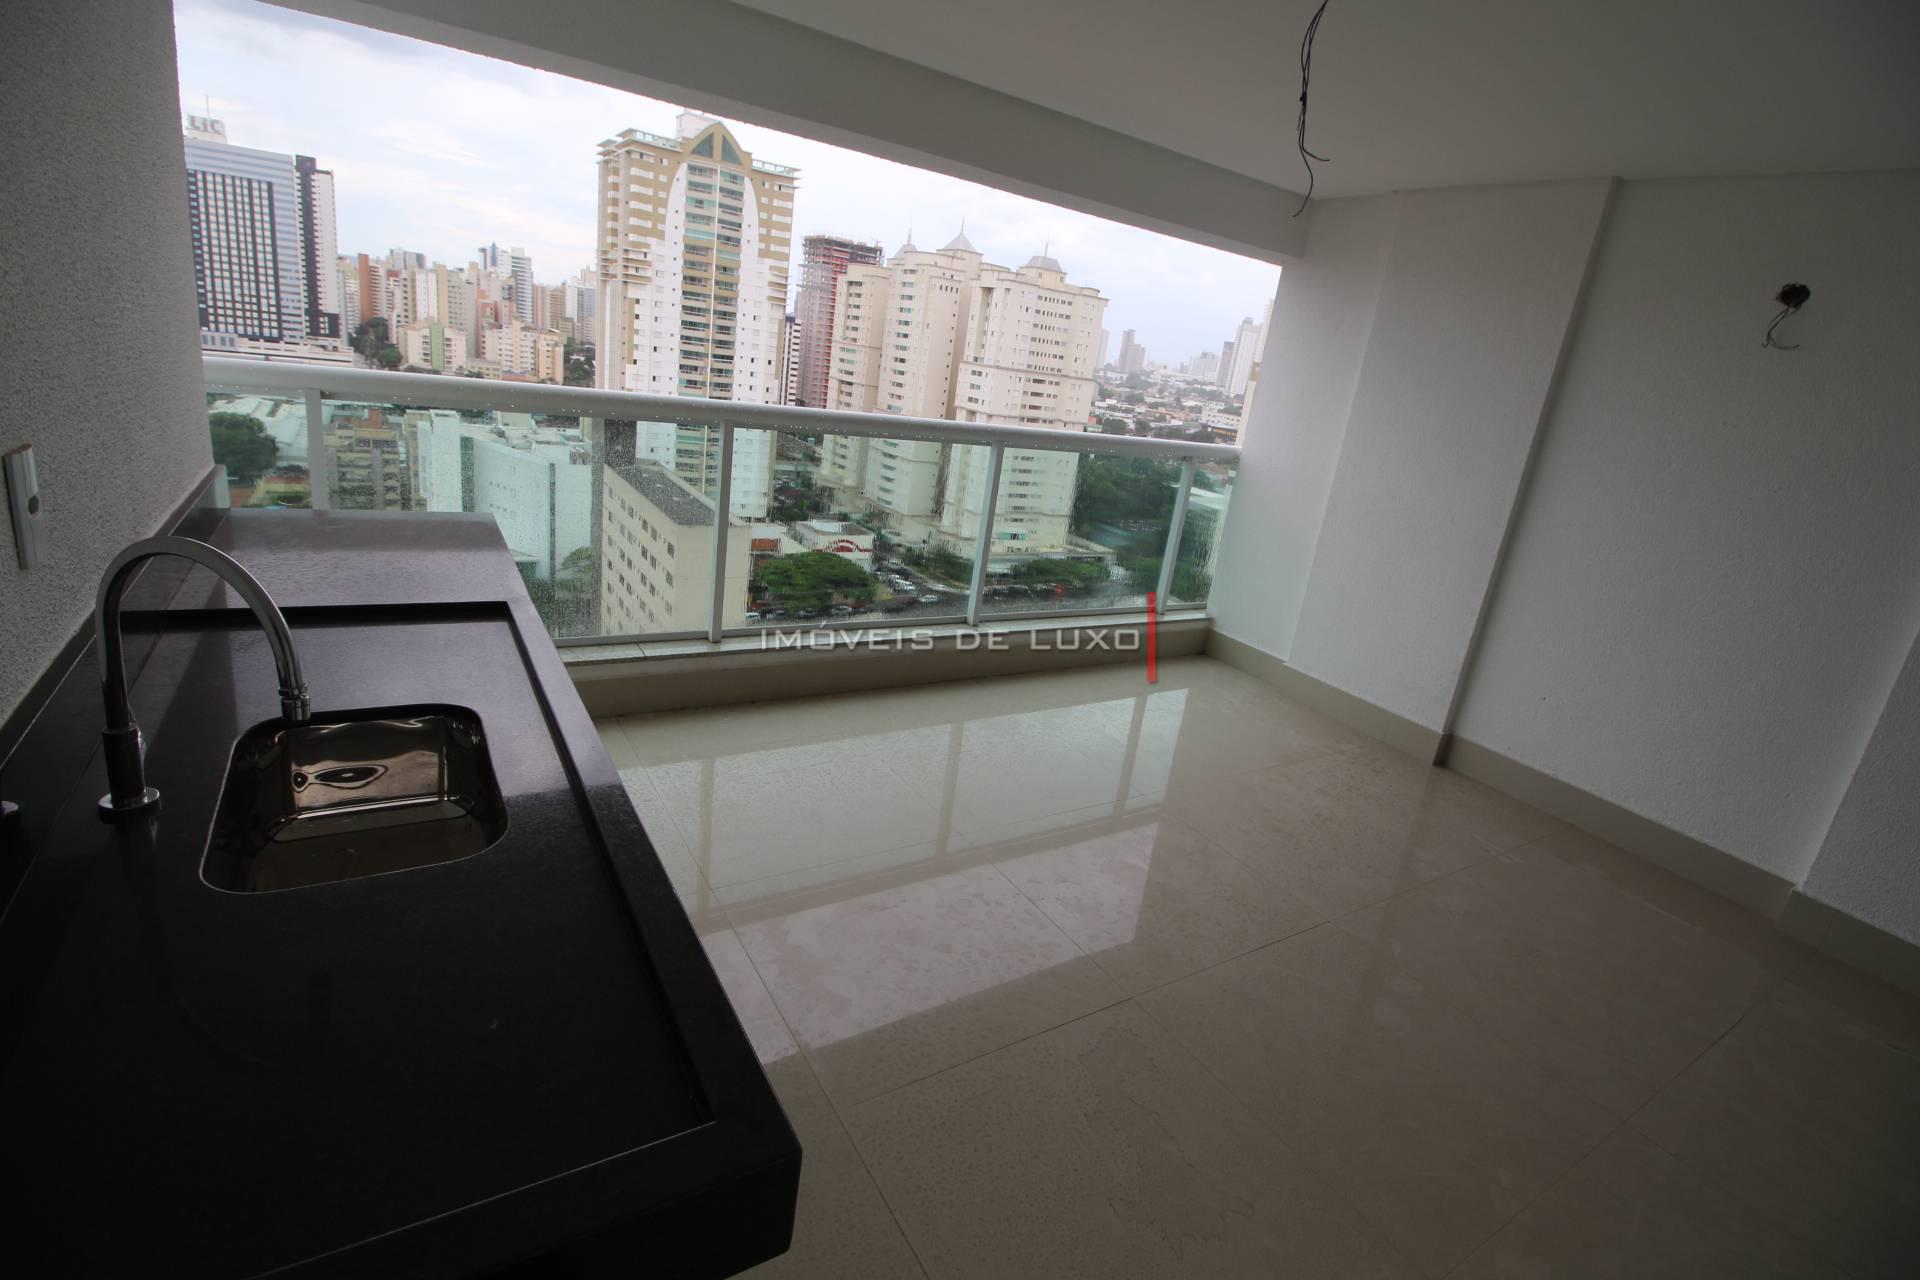 Imóveis de Luxo - Excelente Apartamento no Setor Bueno .